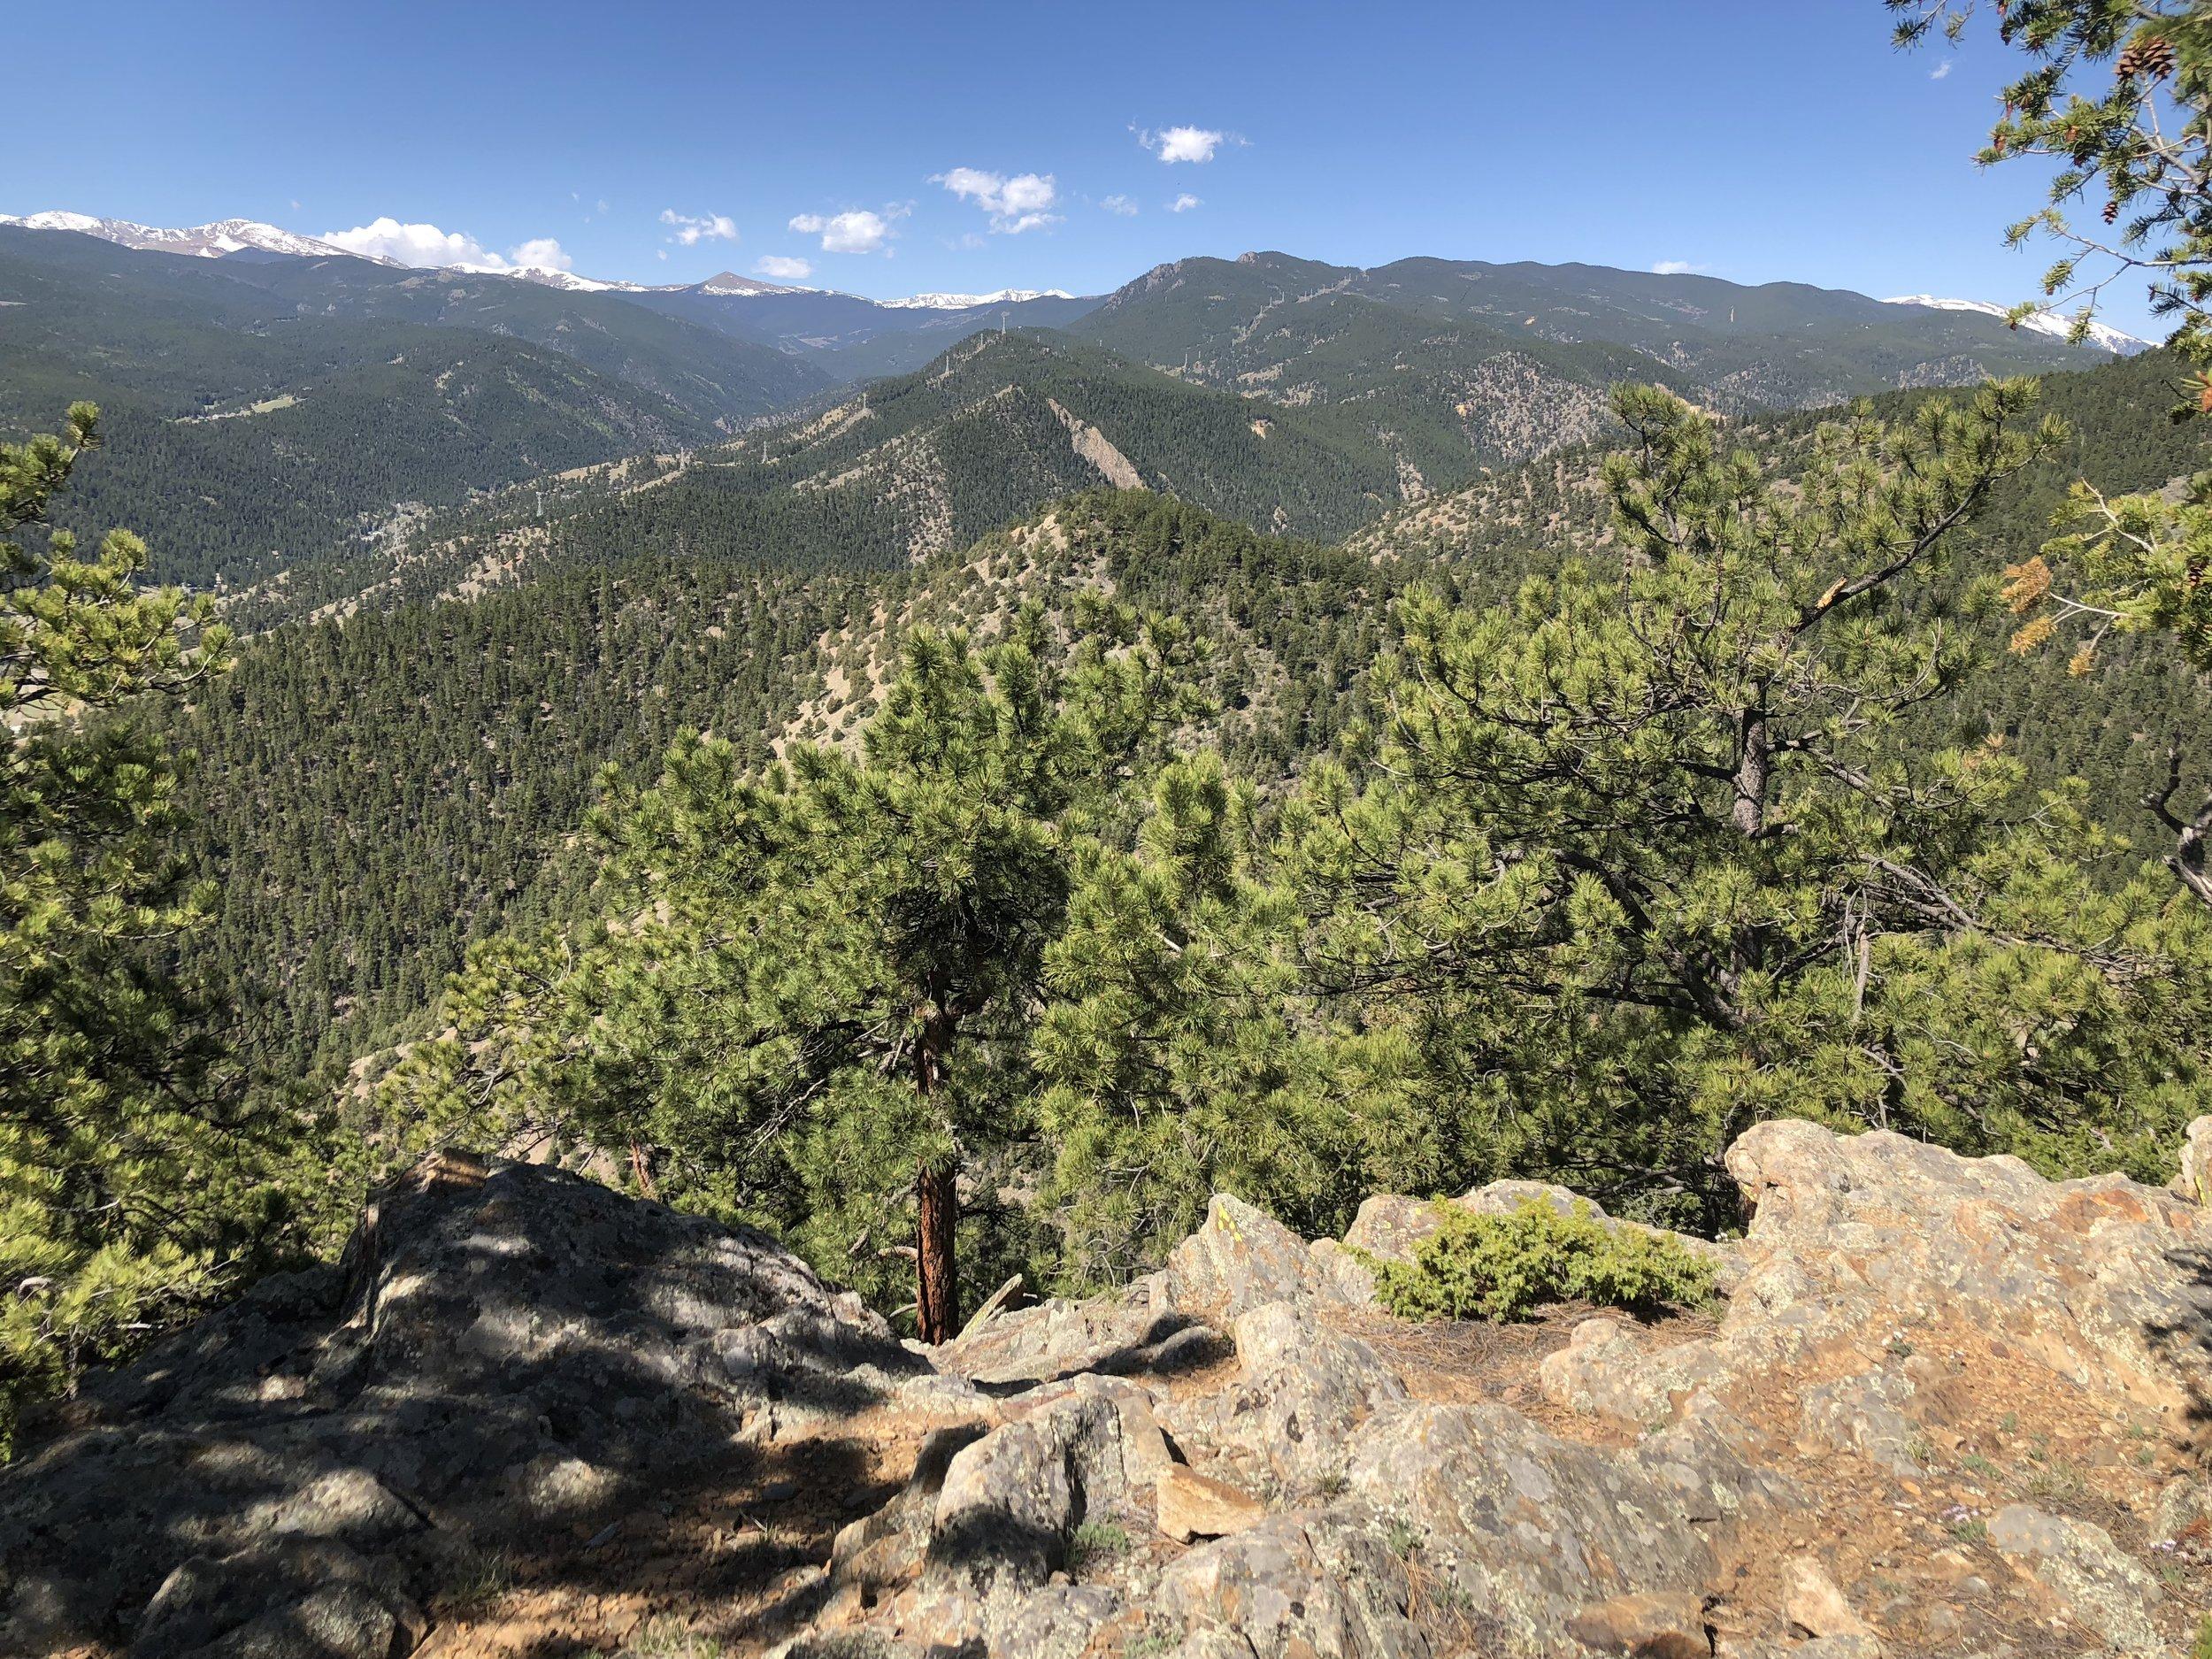 Virginia Canyon Mountain Park